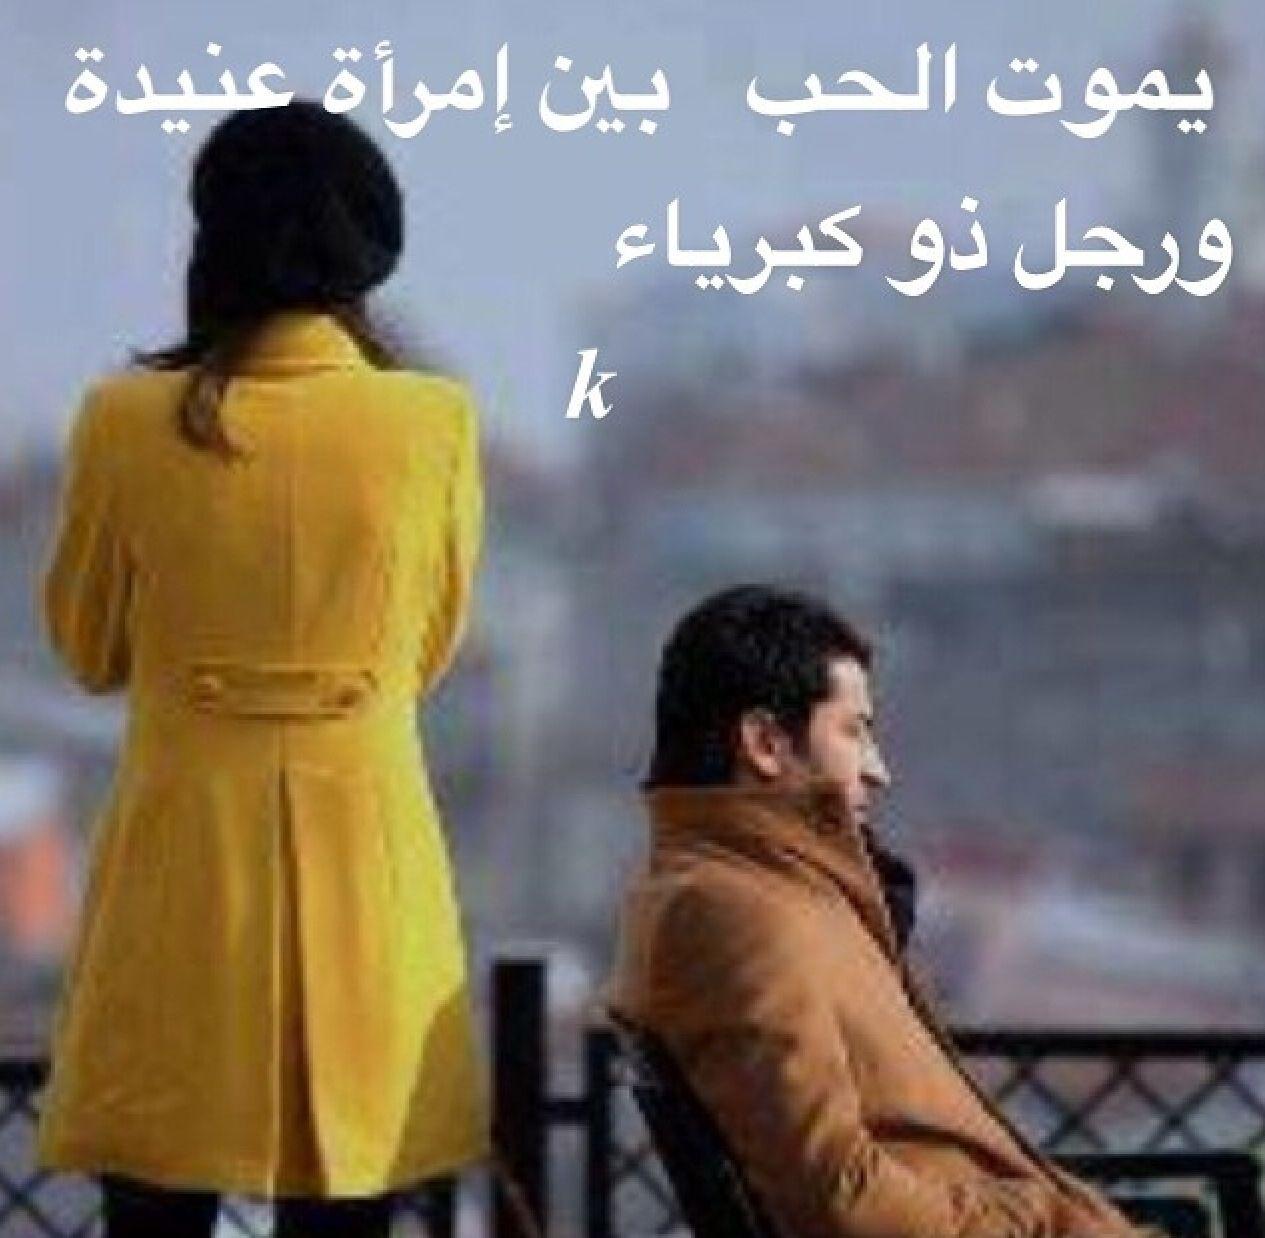 يموت الحب بين إمرأة عنيدة ورجل ذو كبرياء Arabic Quotes Words Quotes